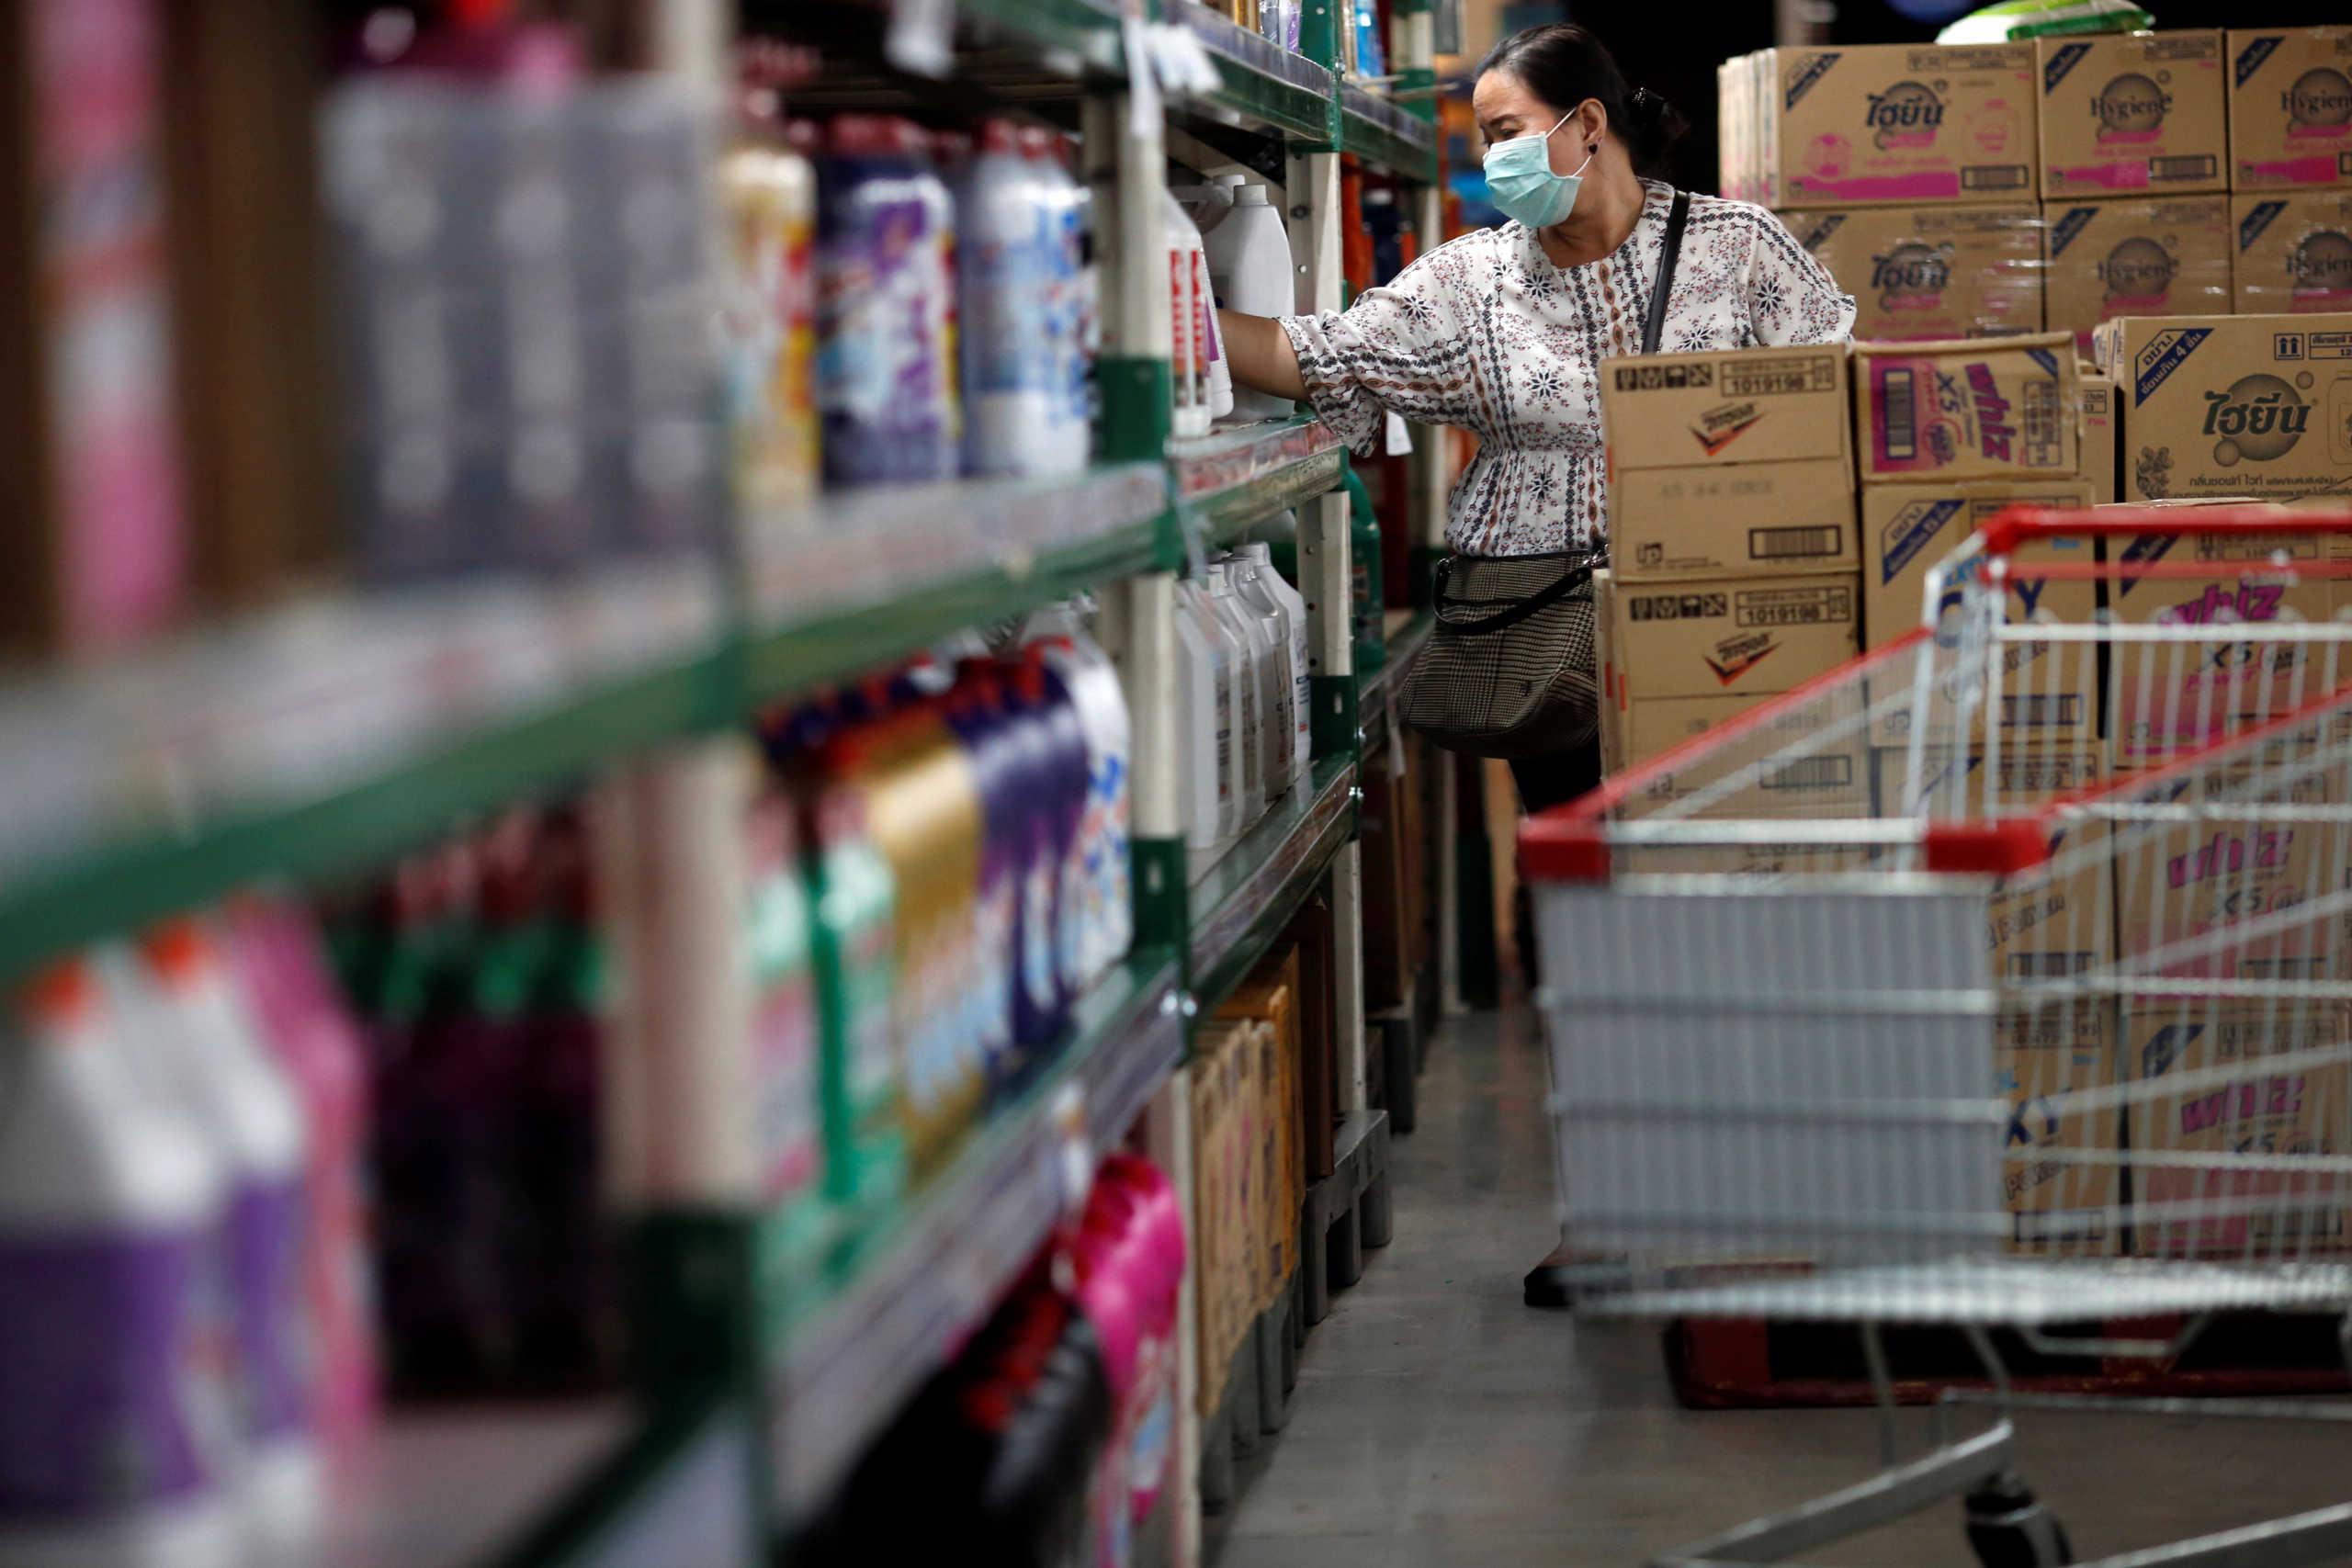 Κορονοϊός: Αυξήθηκαν οι πωλήσεις τροφίμων πριν από το νέο lockdown στη Βρετανία